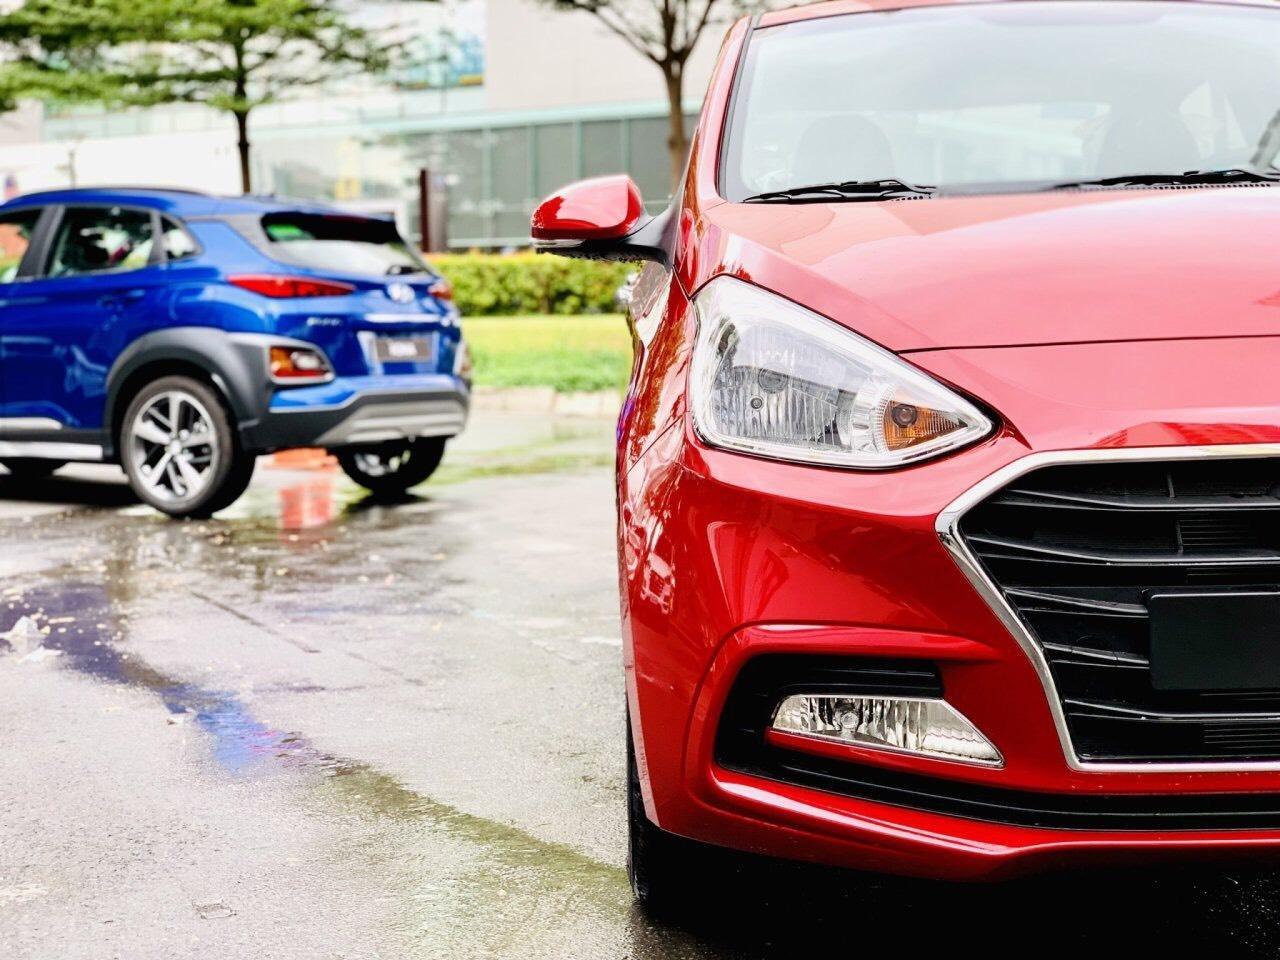 Hyundai Grand i10 giá tốt, góp 90%, hỗ trợ Grab 5 triệu tiền mặt, tặng phụ kiện giá trị thật (6)